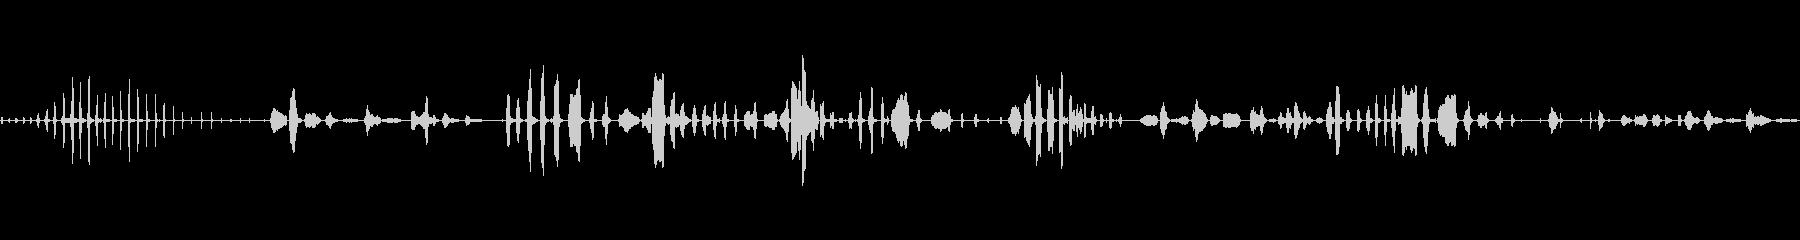 笑いとギャップ:女性の笑い声の未再生の波形